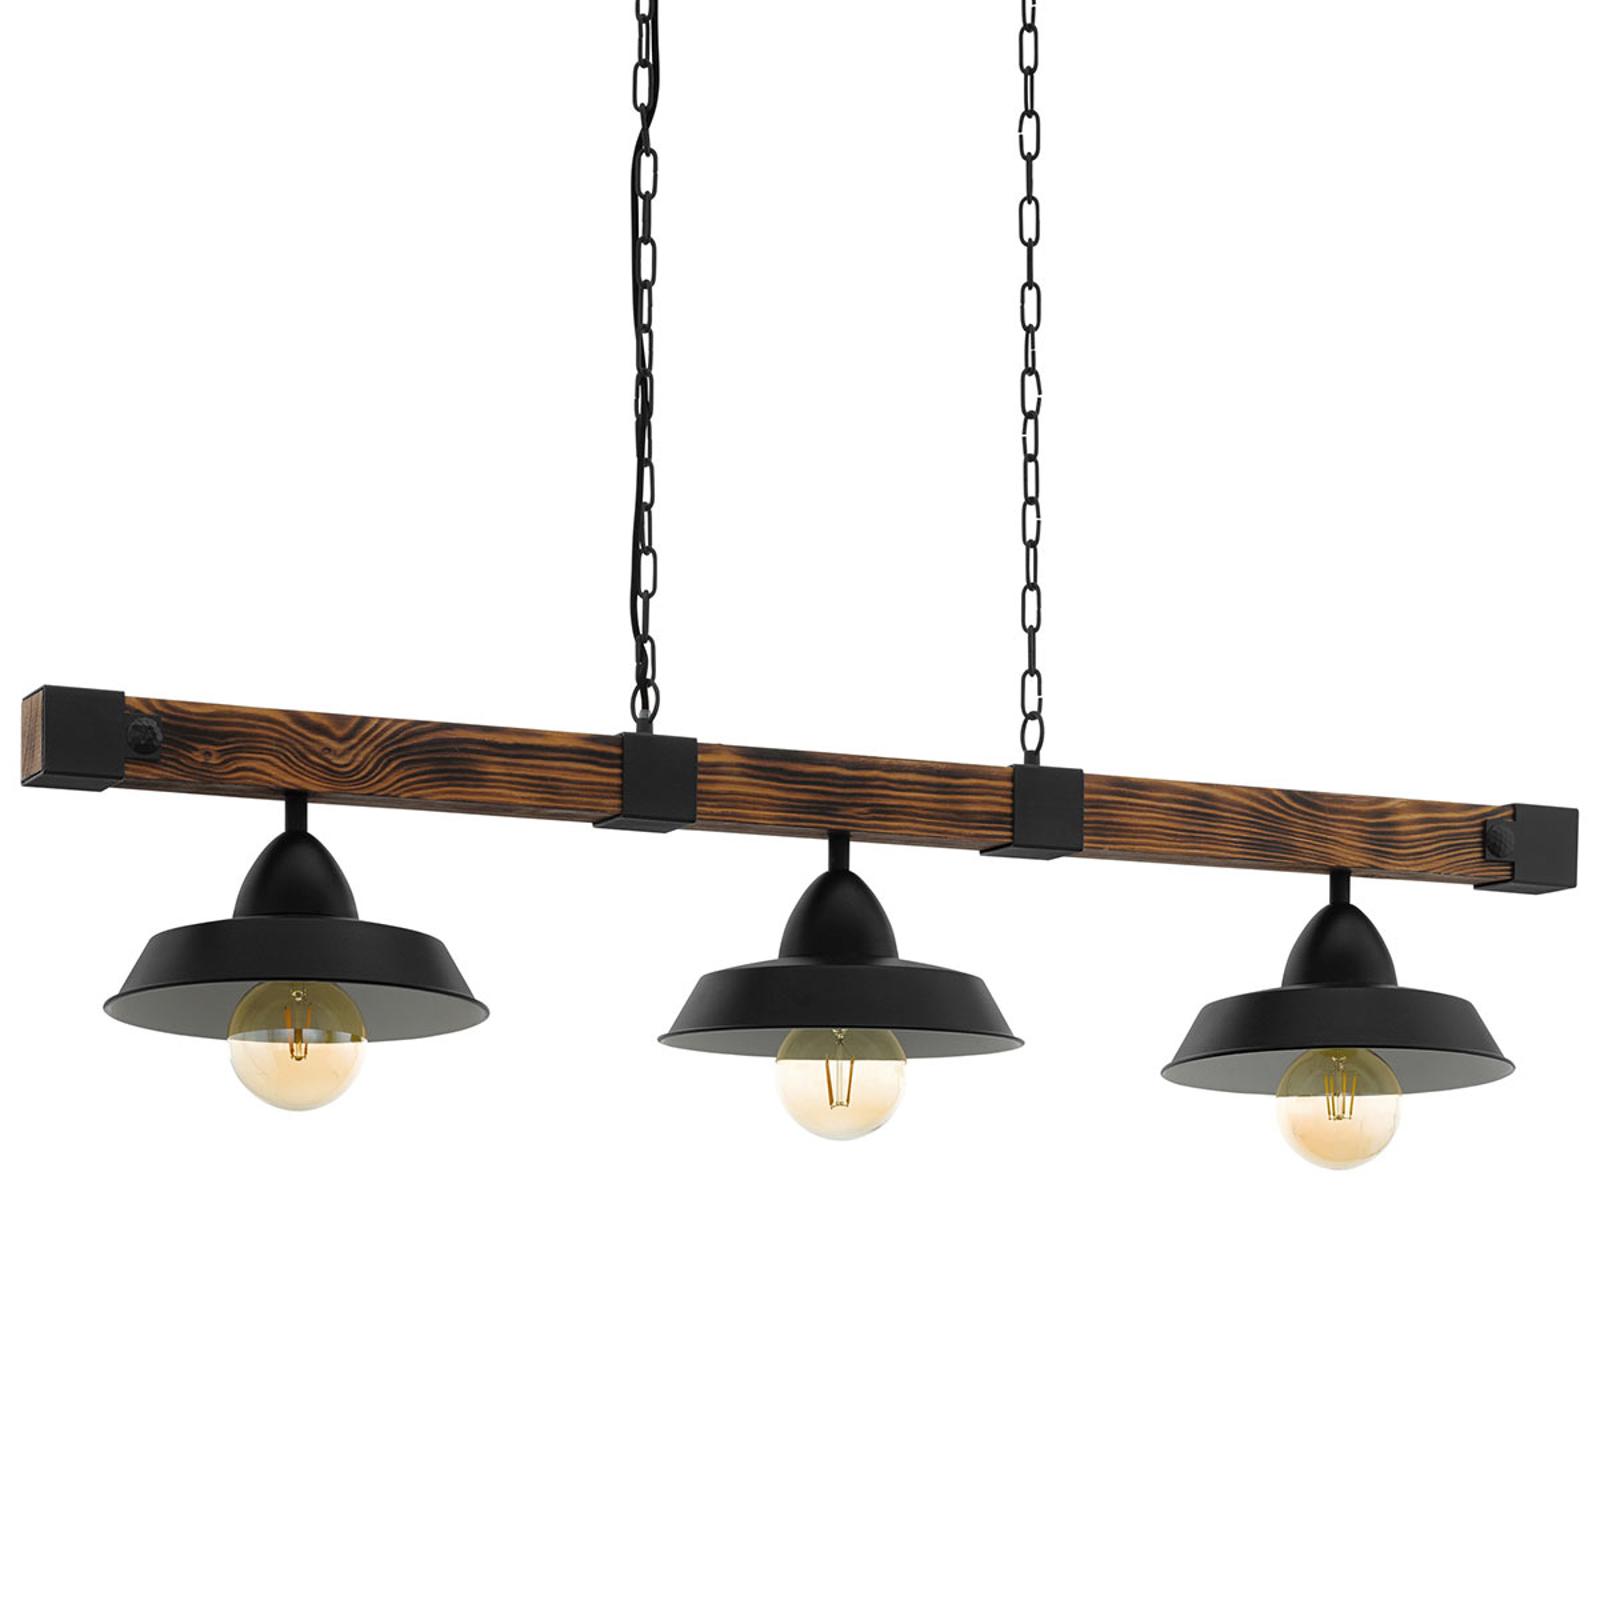 Lampa wisząca Oldbury o rustykalnym wyglądzie